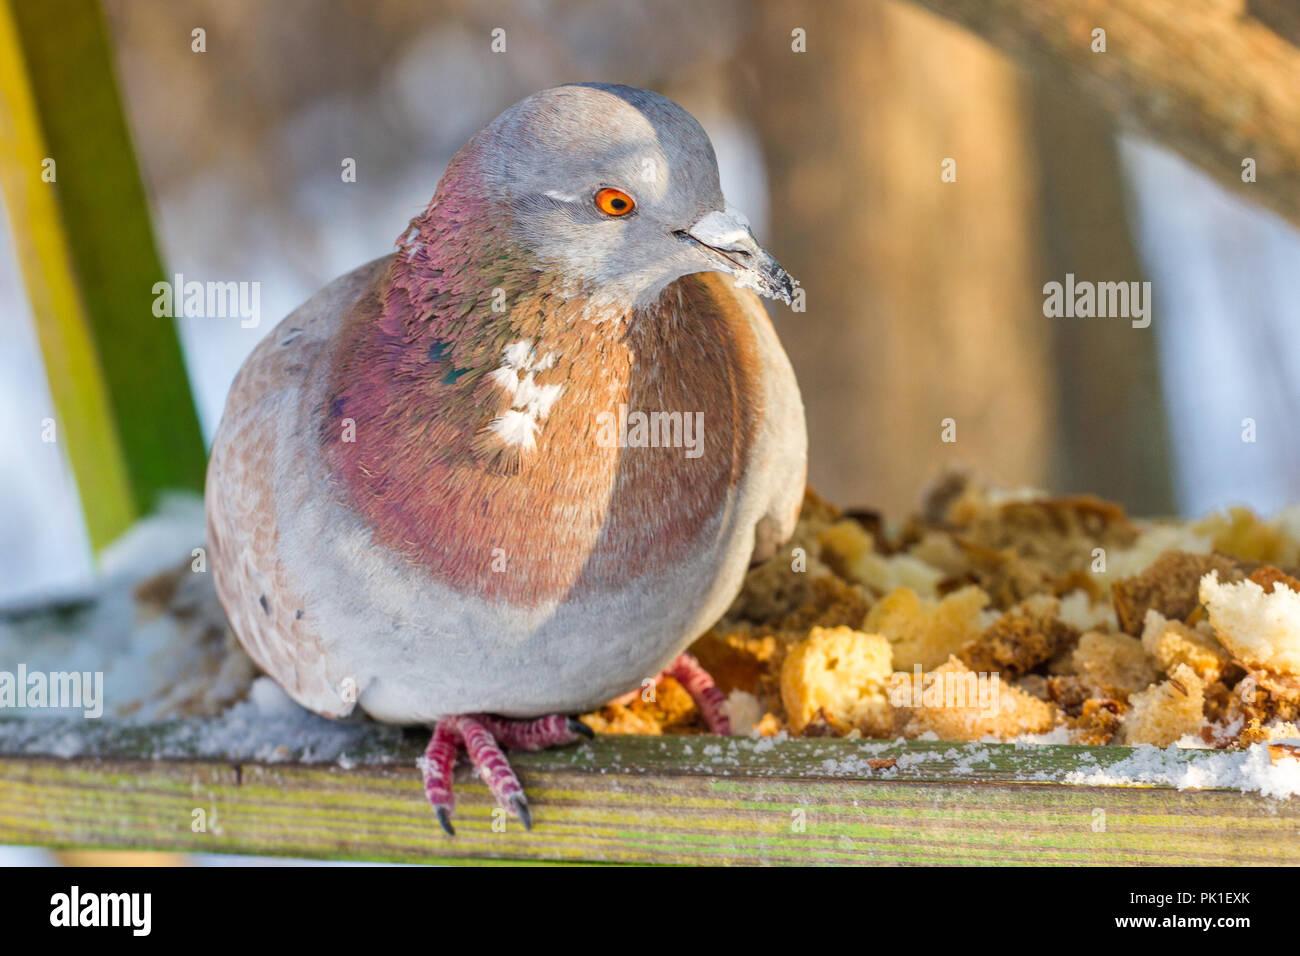 Piccioni e colombe. Strada comune gli uccelli in città. Alimentatore in inverno. Immagini Stock